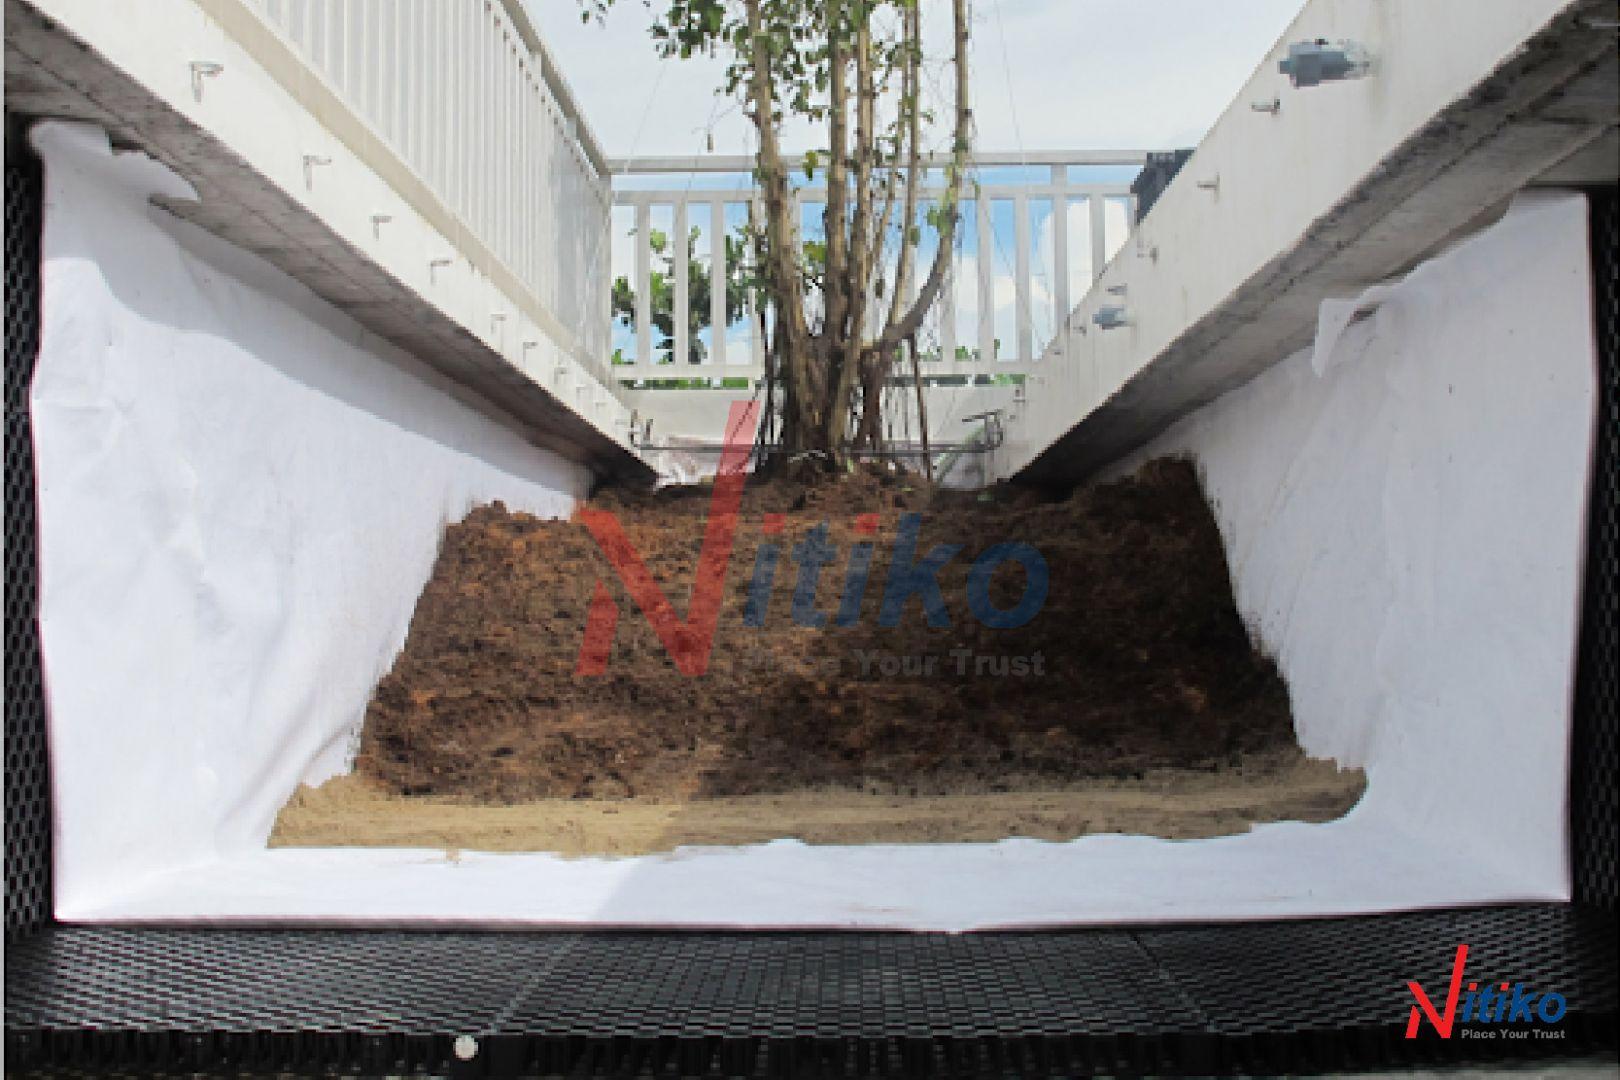 Vỉ thoát nước Necty hỗ trợ cho khả năng thoát nước vườn sân thượng